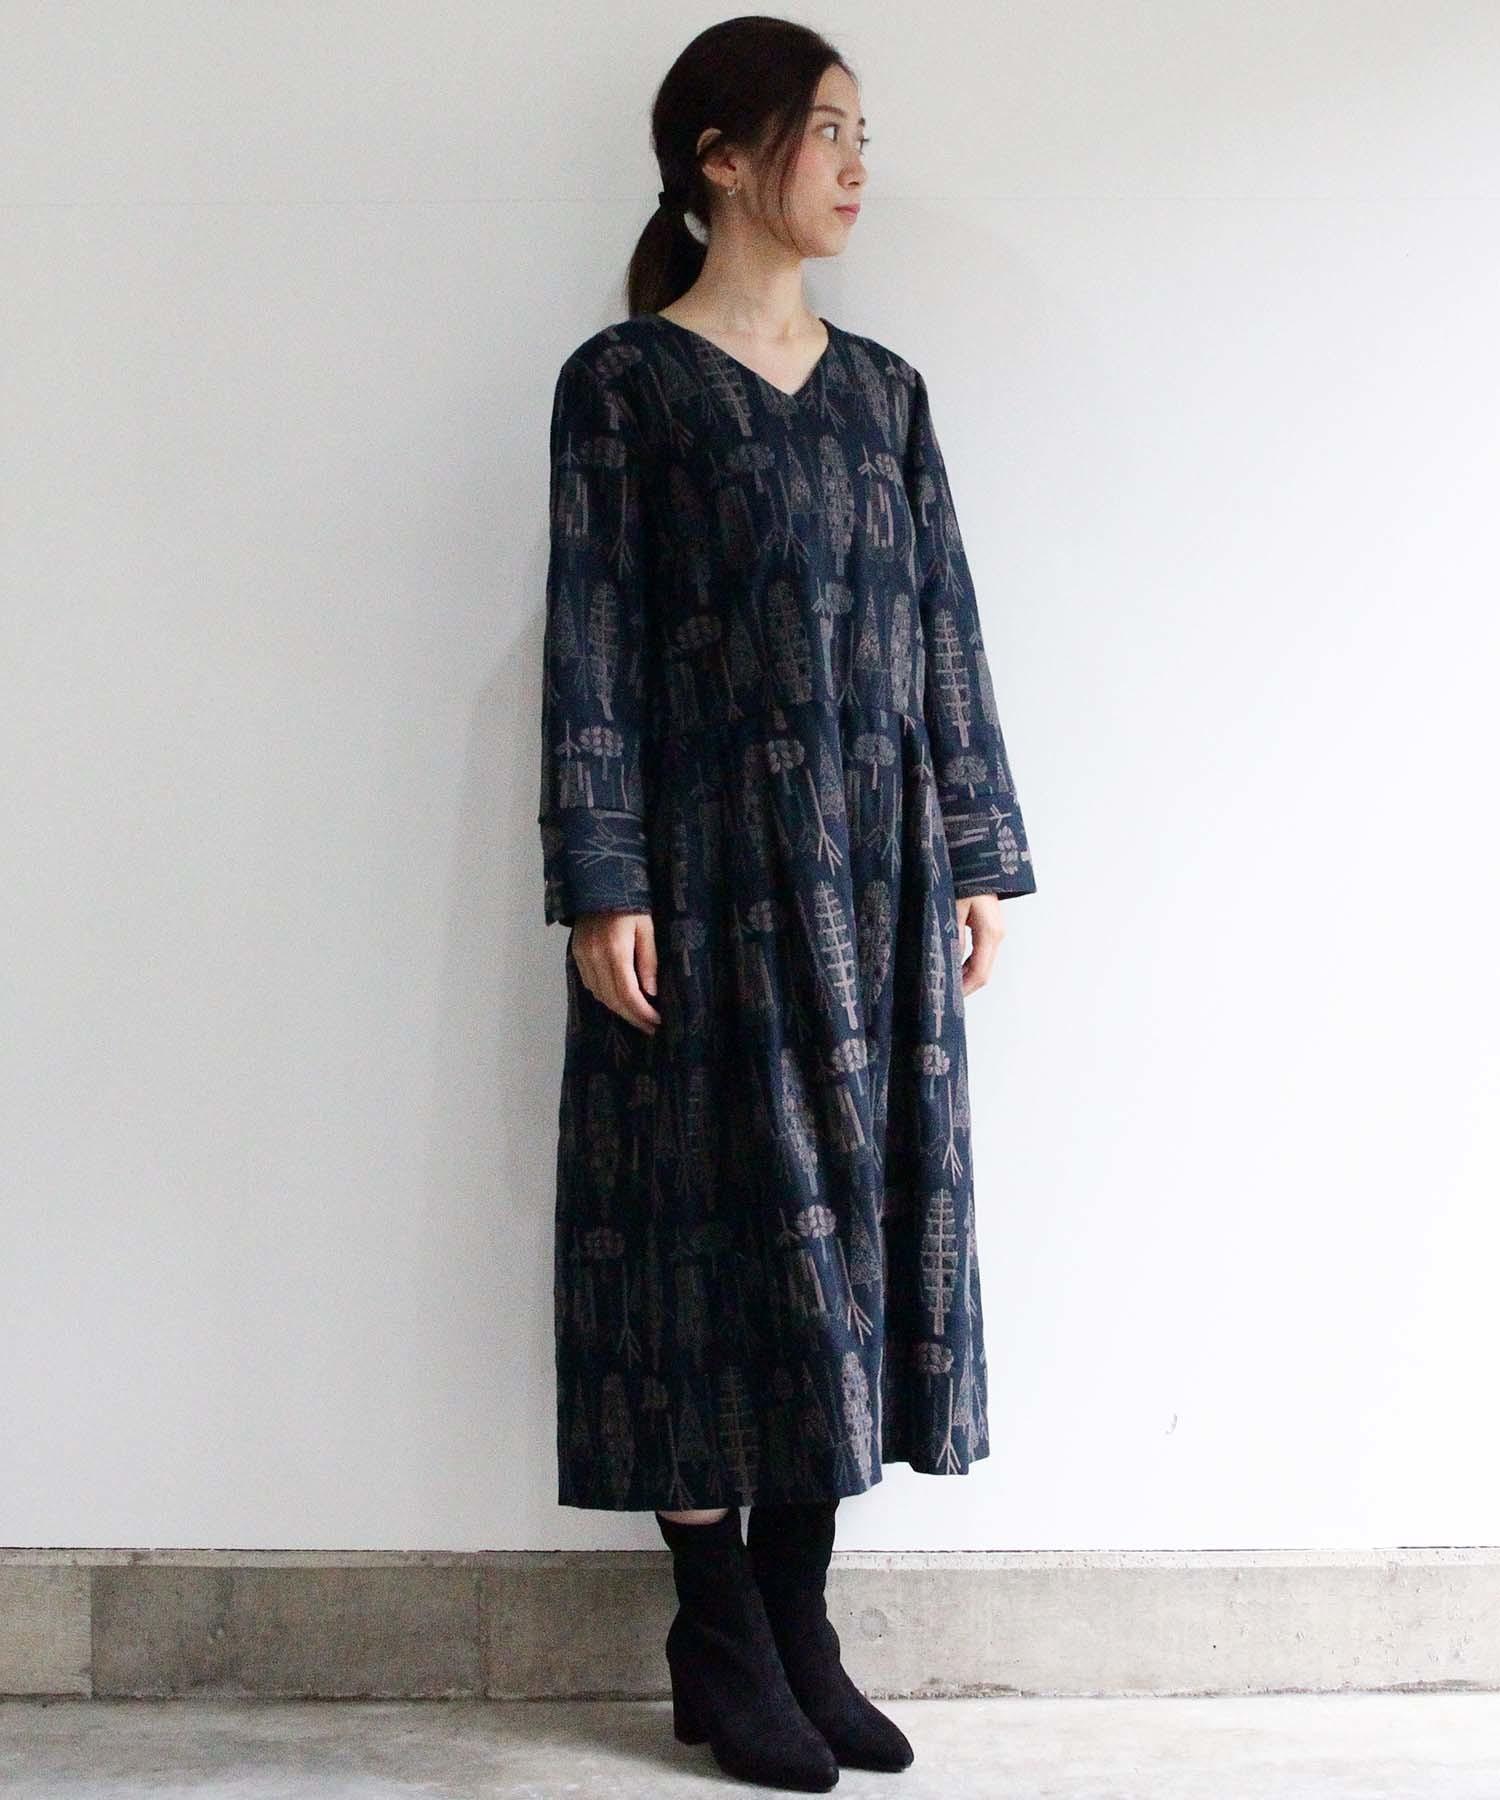 【MORI】 刺繍生地のワンピースドレス(袖丈長)NVY